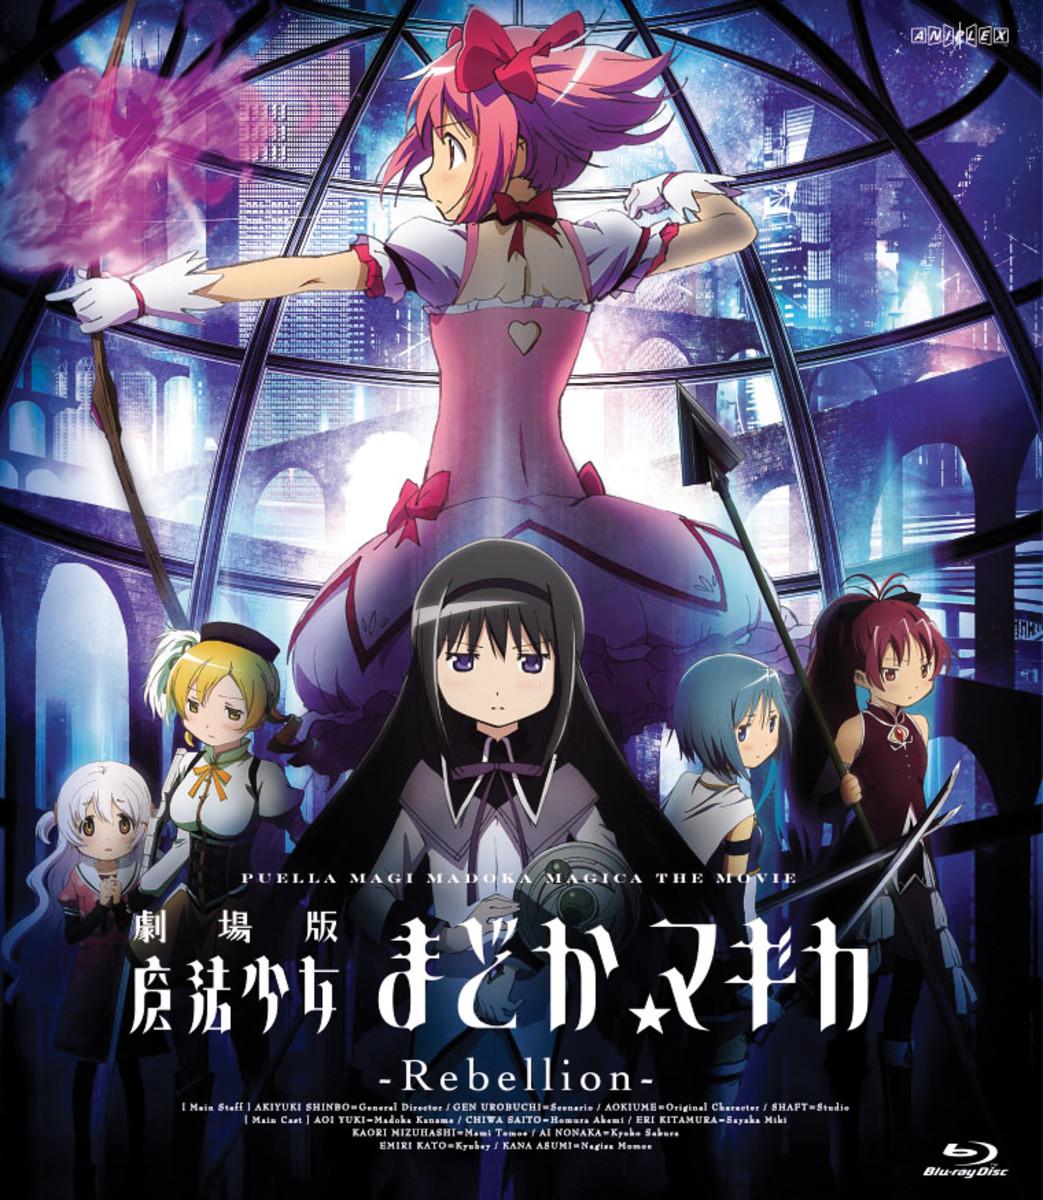 Anime Movie Review: Puella Magi Maodka Magica: Rebellion (2013)